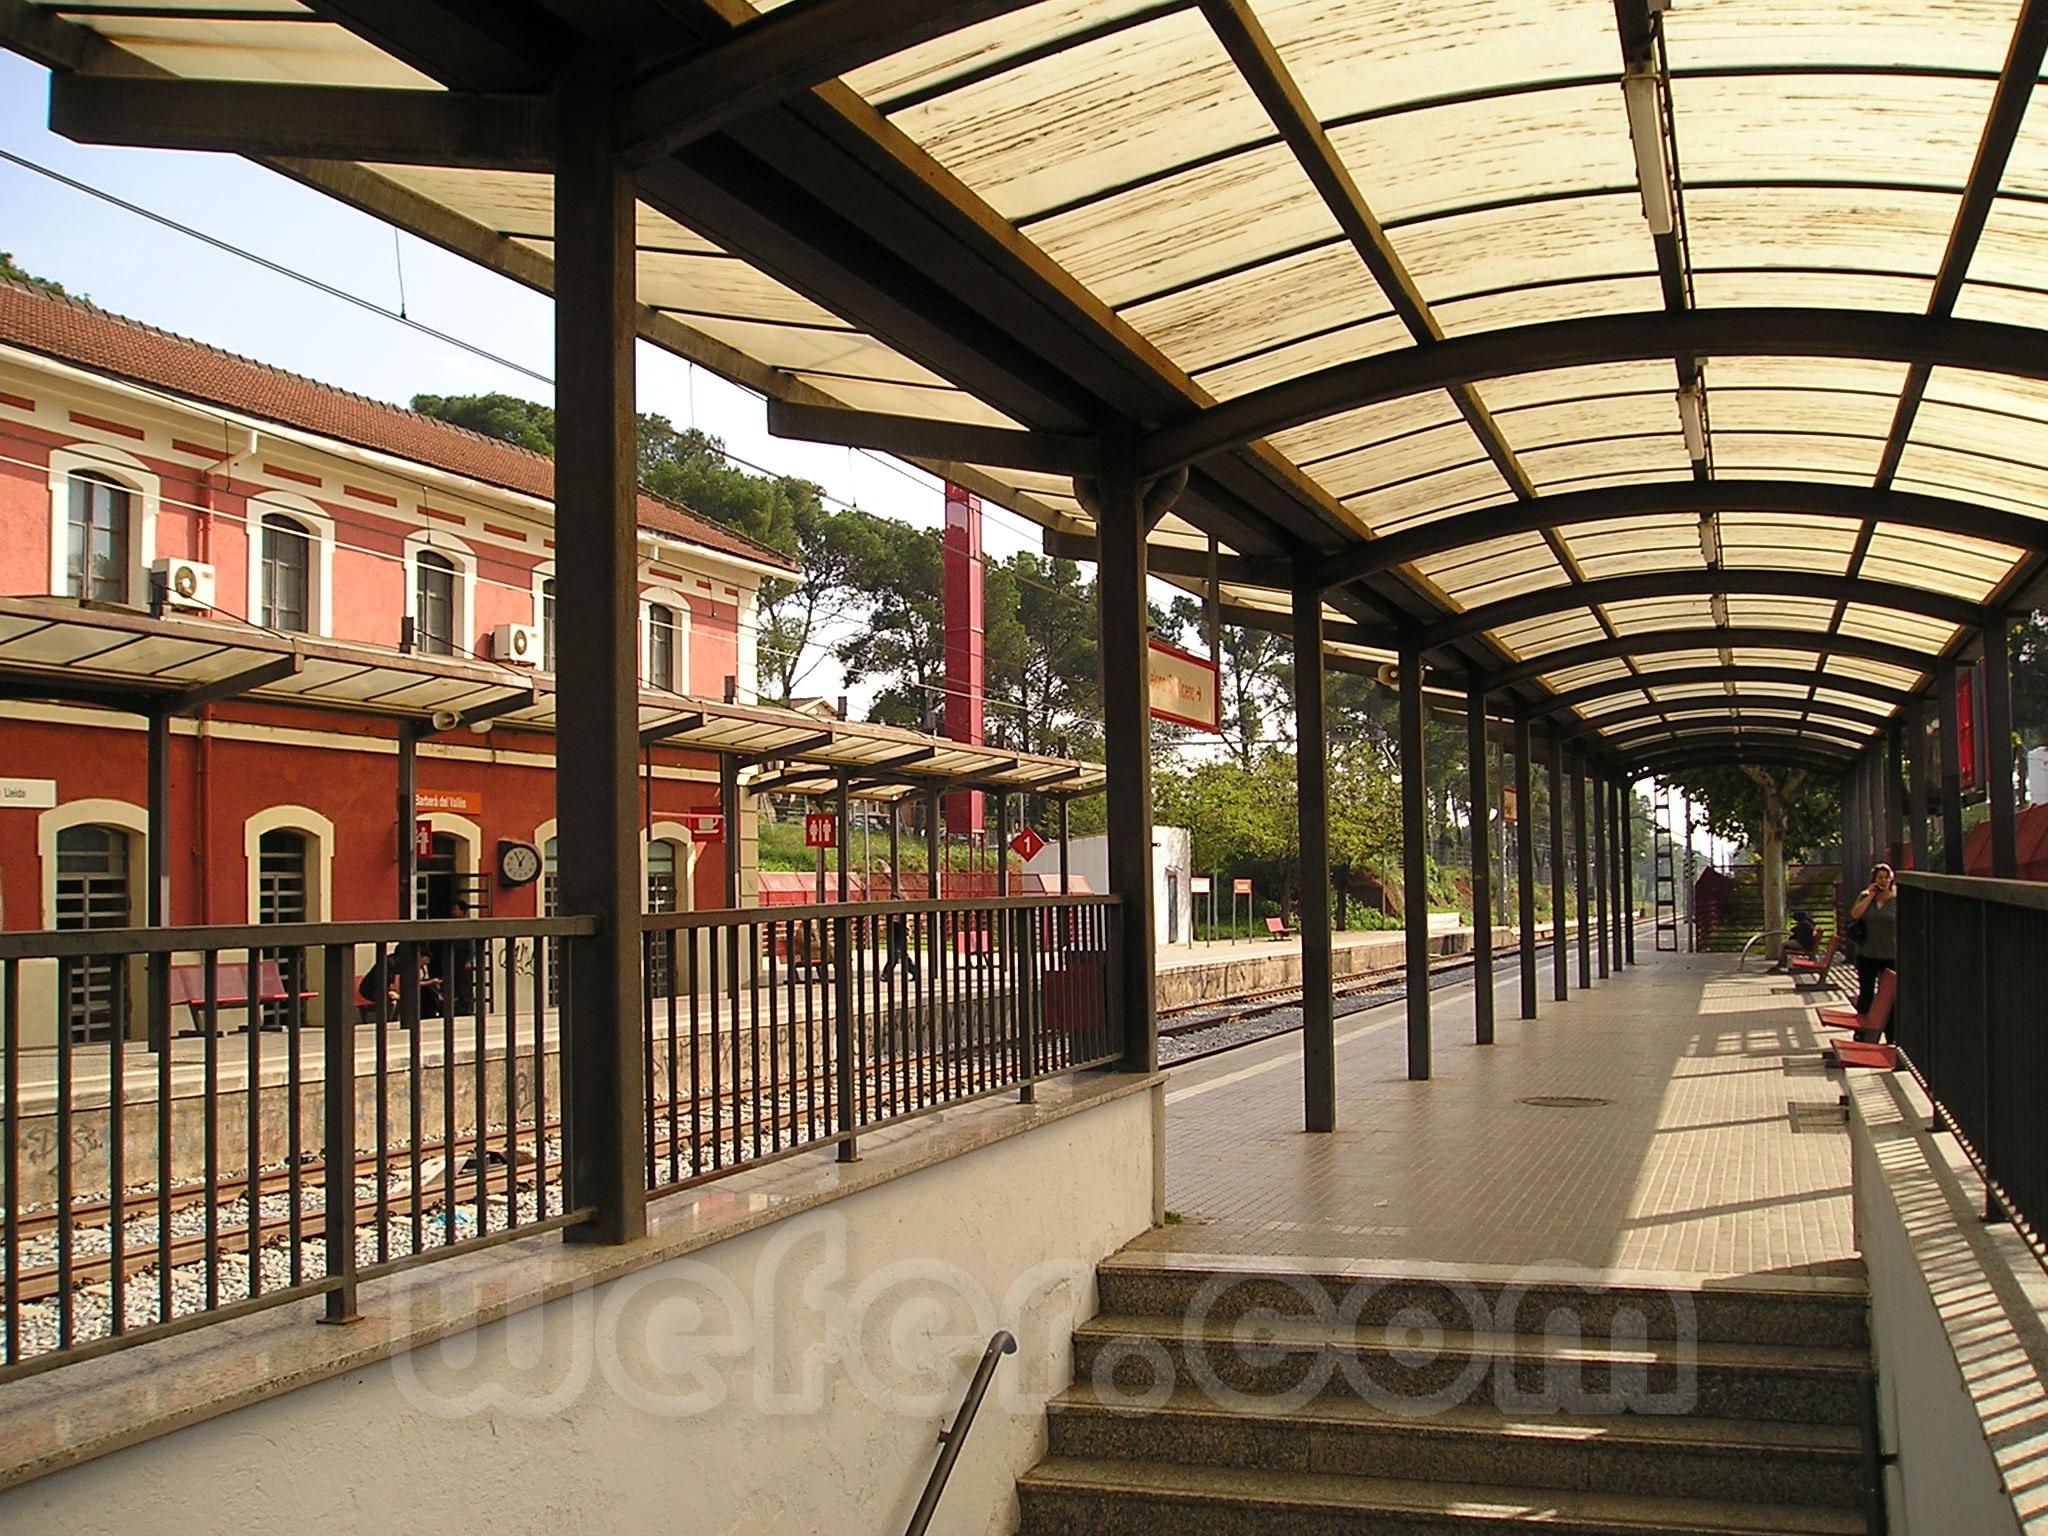 Renfe / ADIF: Barberà del Vallès